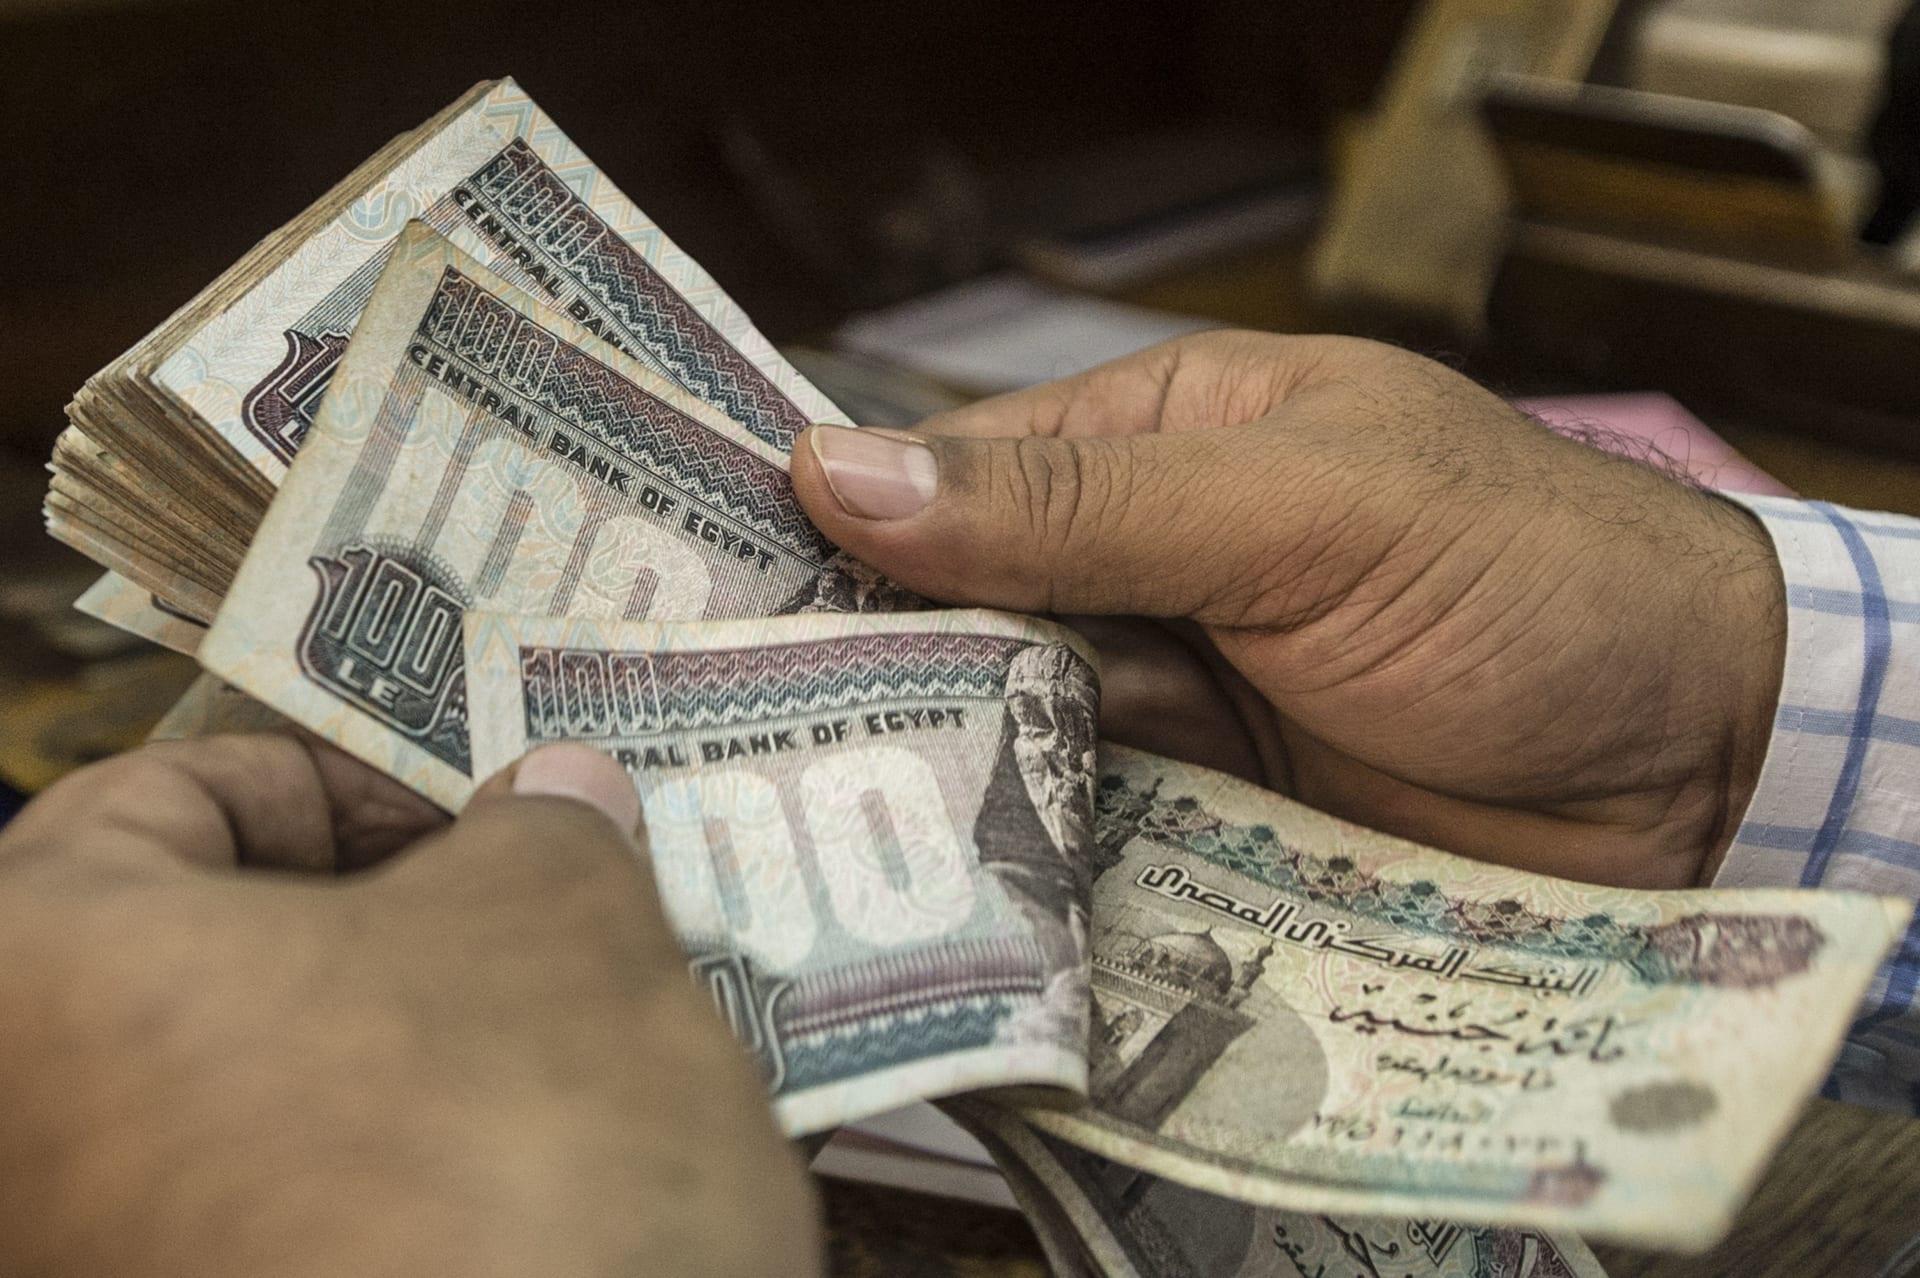 مصر تشدد على حصر جمع المال على الجمعيات المرخصة